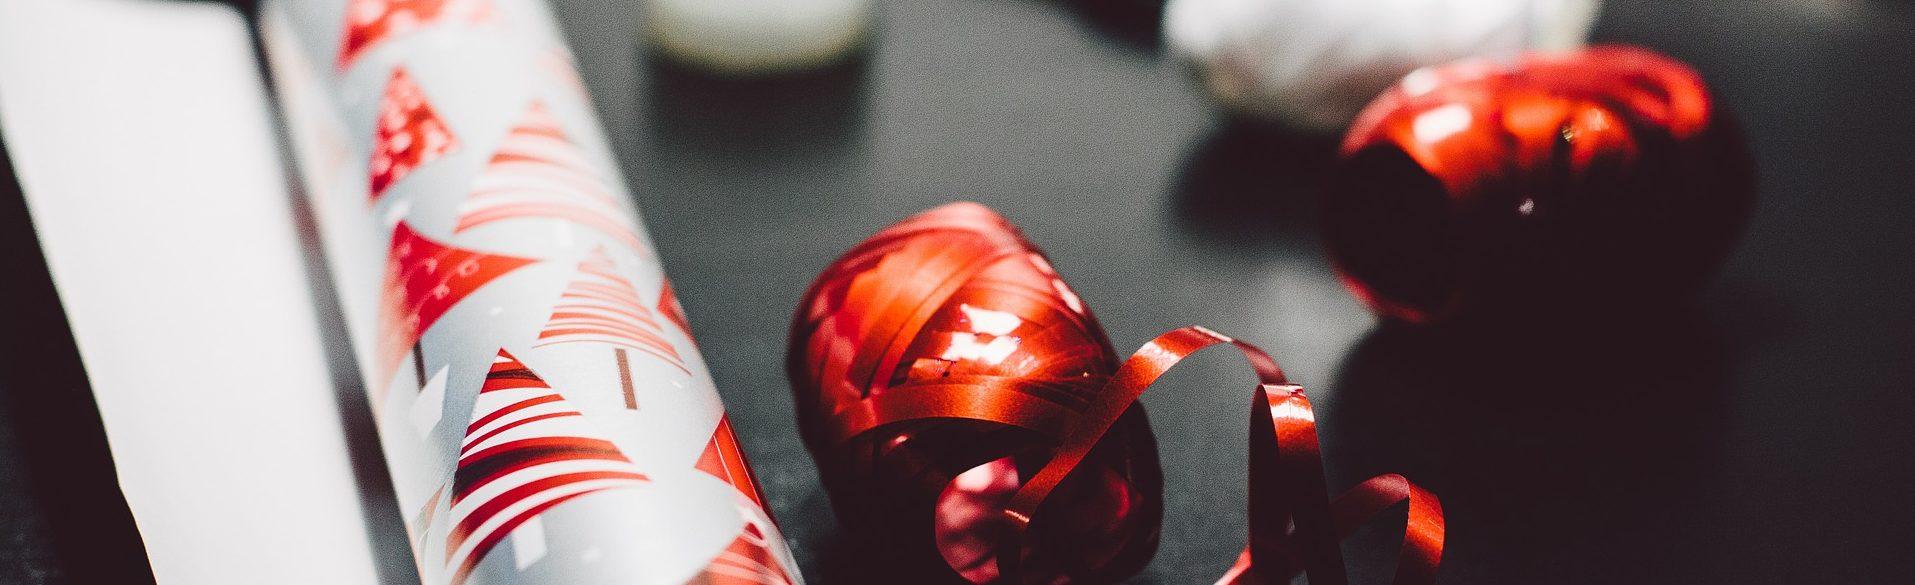 Geschenkpapier & ein schönes Geschenkpapier - mehr braucht man nicht zum Geschenke einpacken.